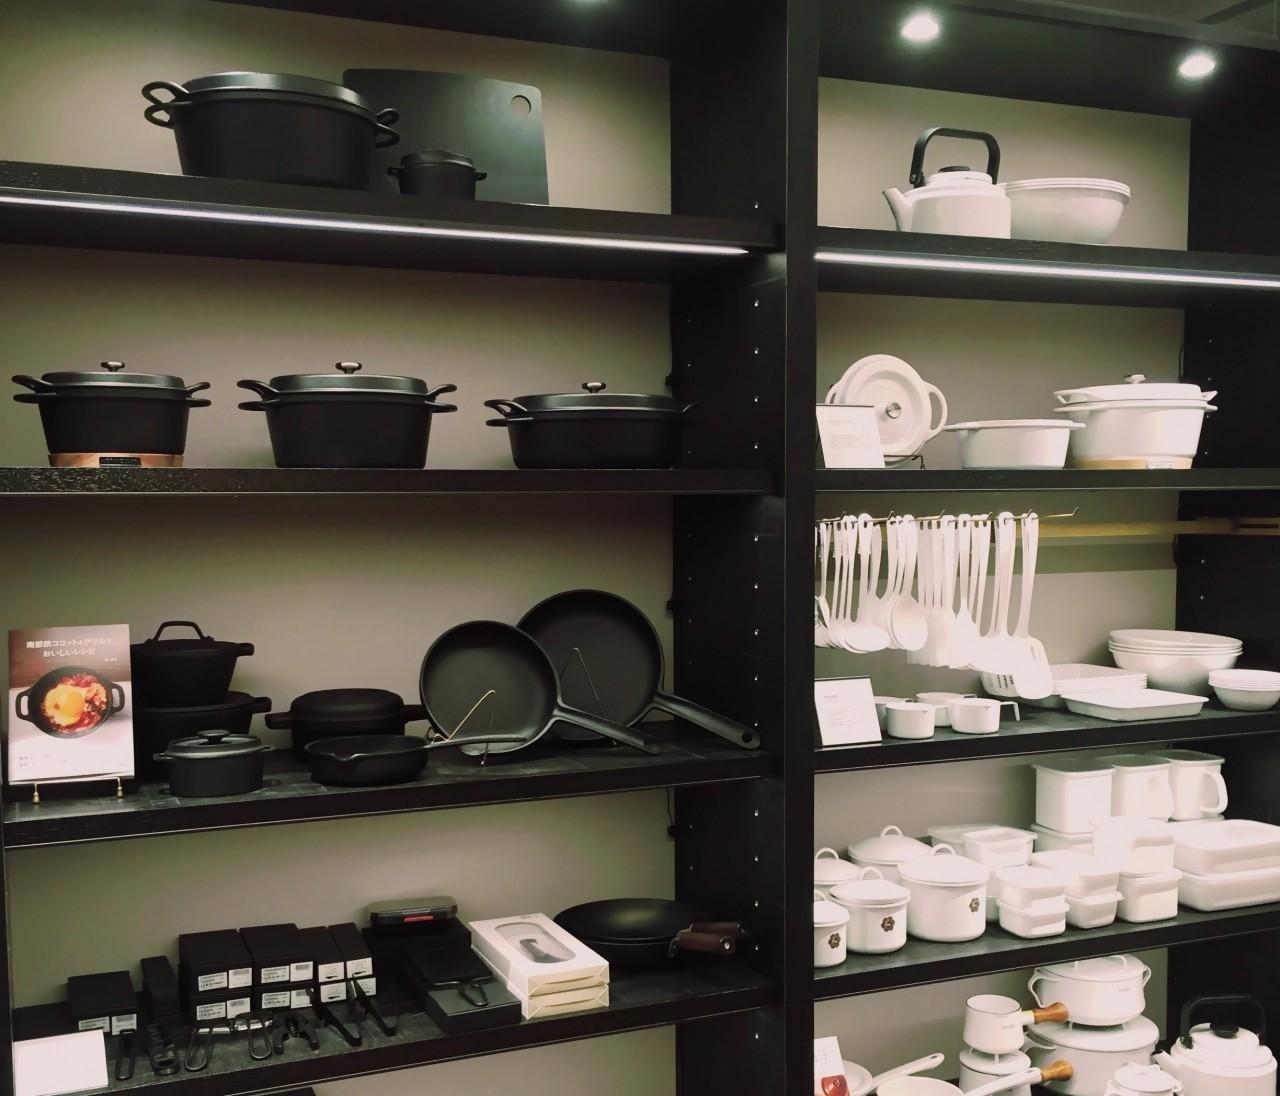 食と料理の名品集まる!「サロン アダム エ ロペ」のセレクトがタダモノじゃない